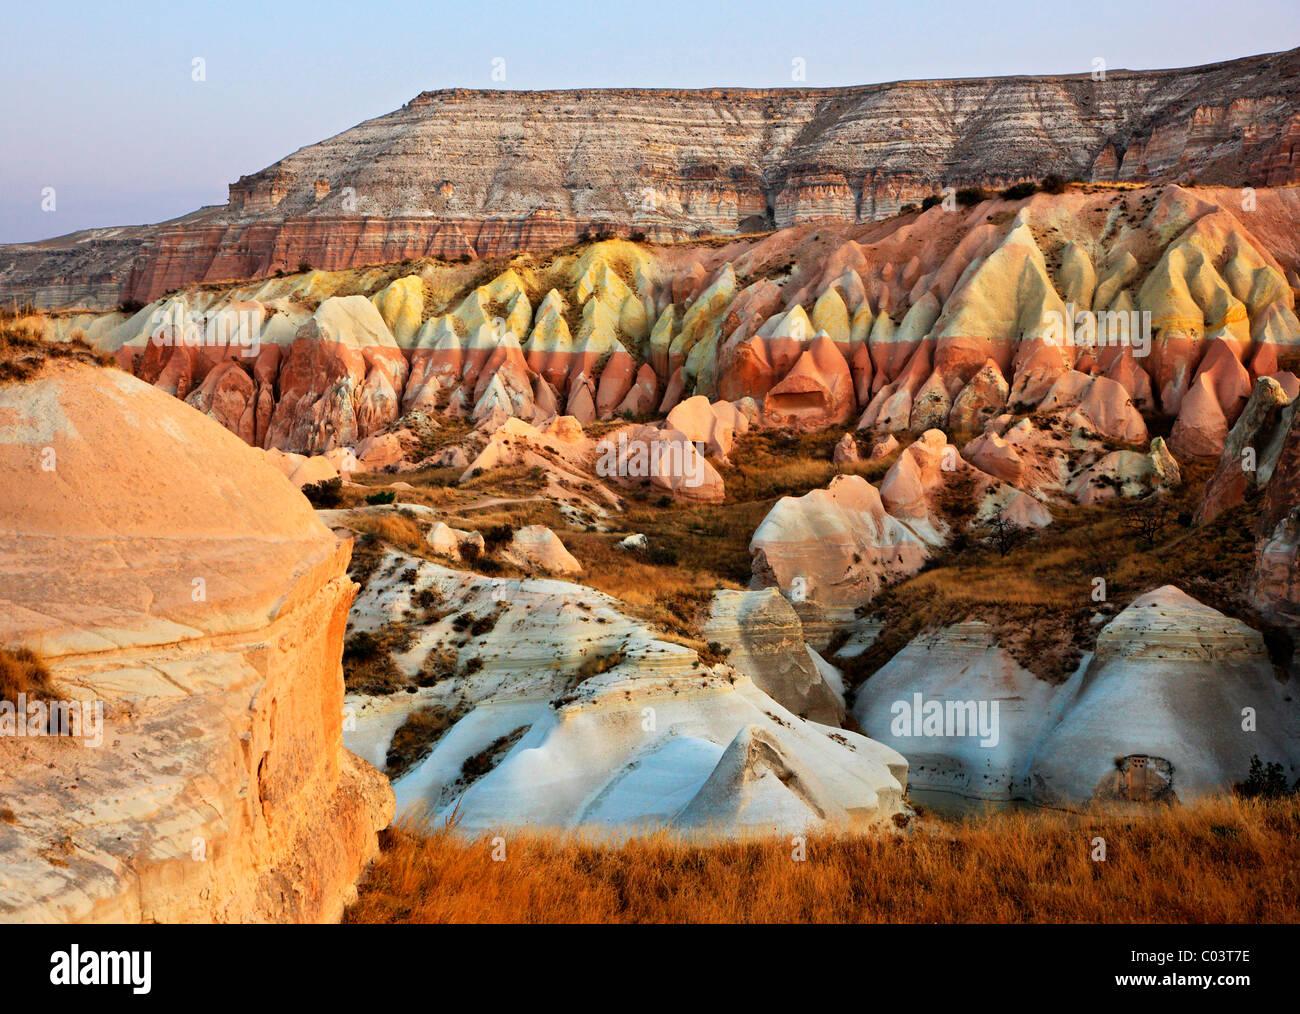 Grande variété de formes, de formes et de couleurs dans le paysage de la Cappadoce, Istanbul, Turquie. Prise lors Banque D'Images